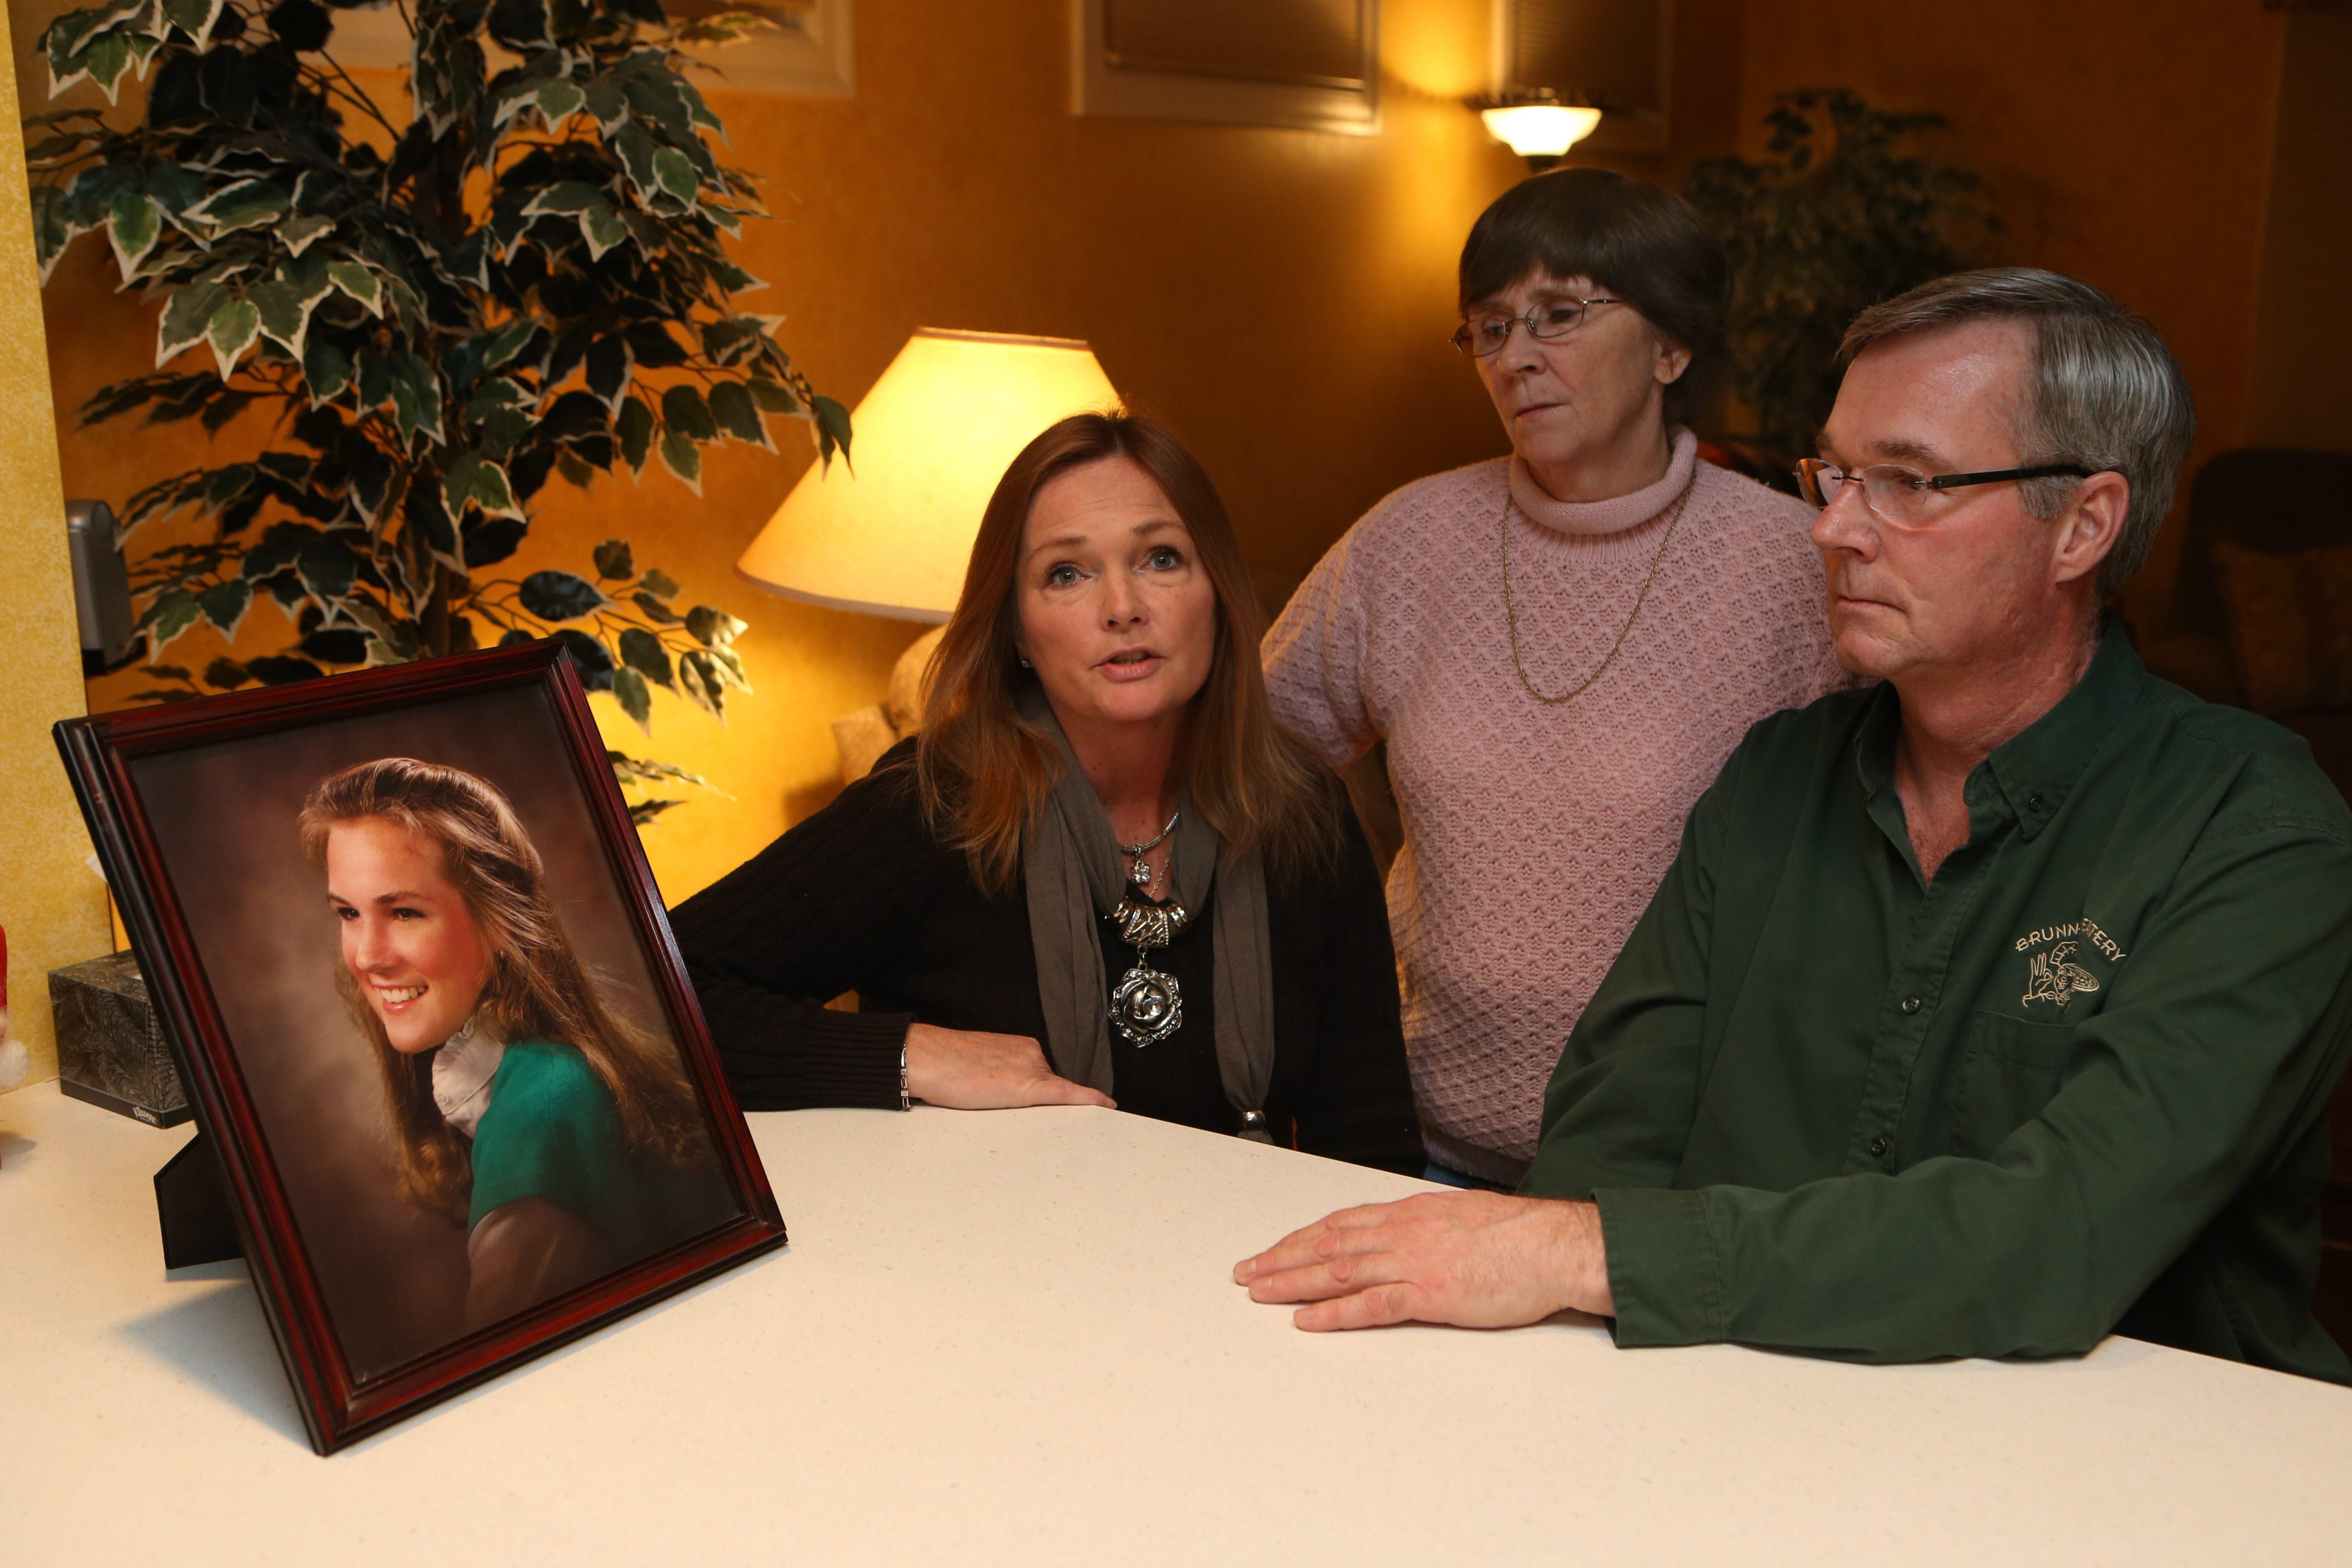 Portrait of Colleen Brunner, killed at 20, stirs emotions for siblings Patricia Brunner Collins, left, Cheryl Brunner and Bill Brunner.